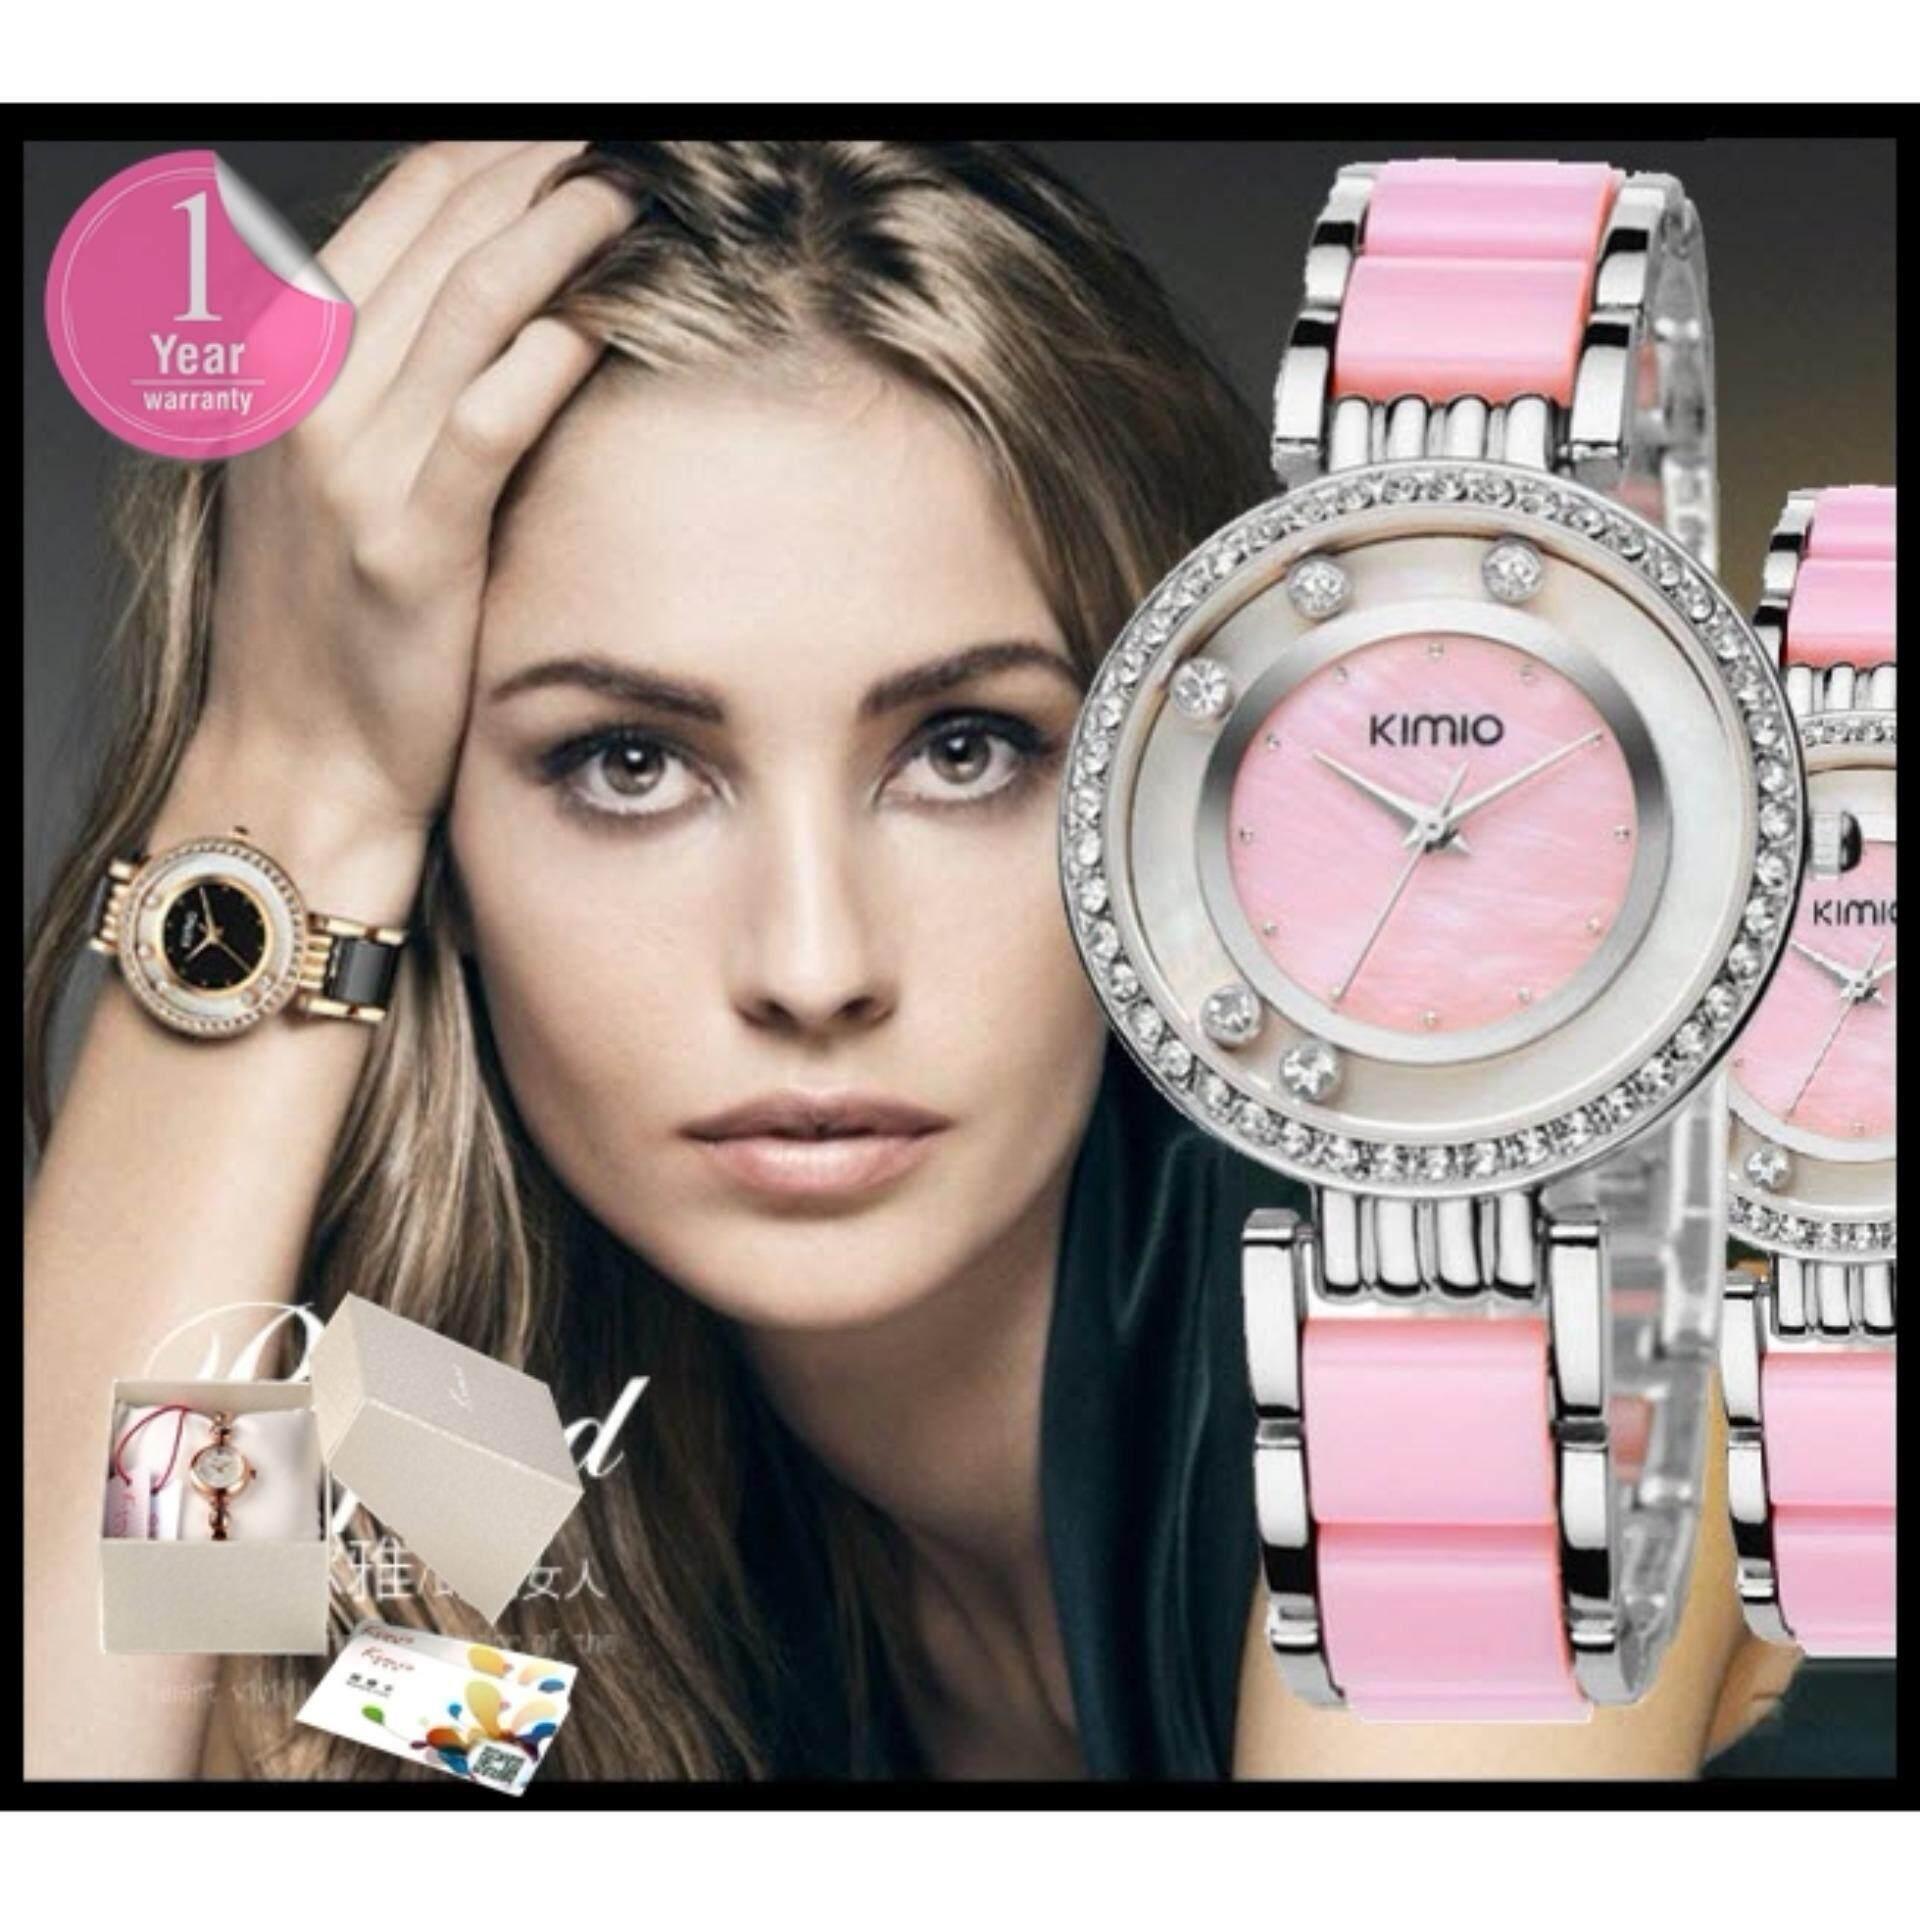 ราคา Kimio นาฬิกาข้อมือสุภาพสตรี ประดับคริสตัล สาย Alloy รุ่น K485 สีชมพู เงิน Kimio เป็นต้นฉบับ